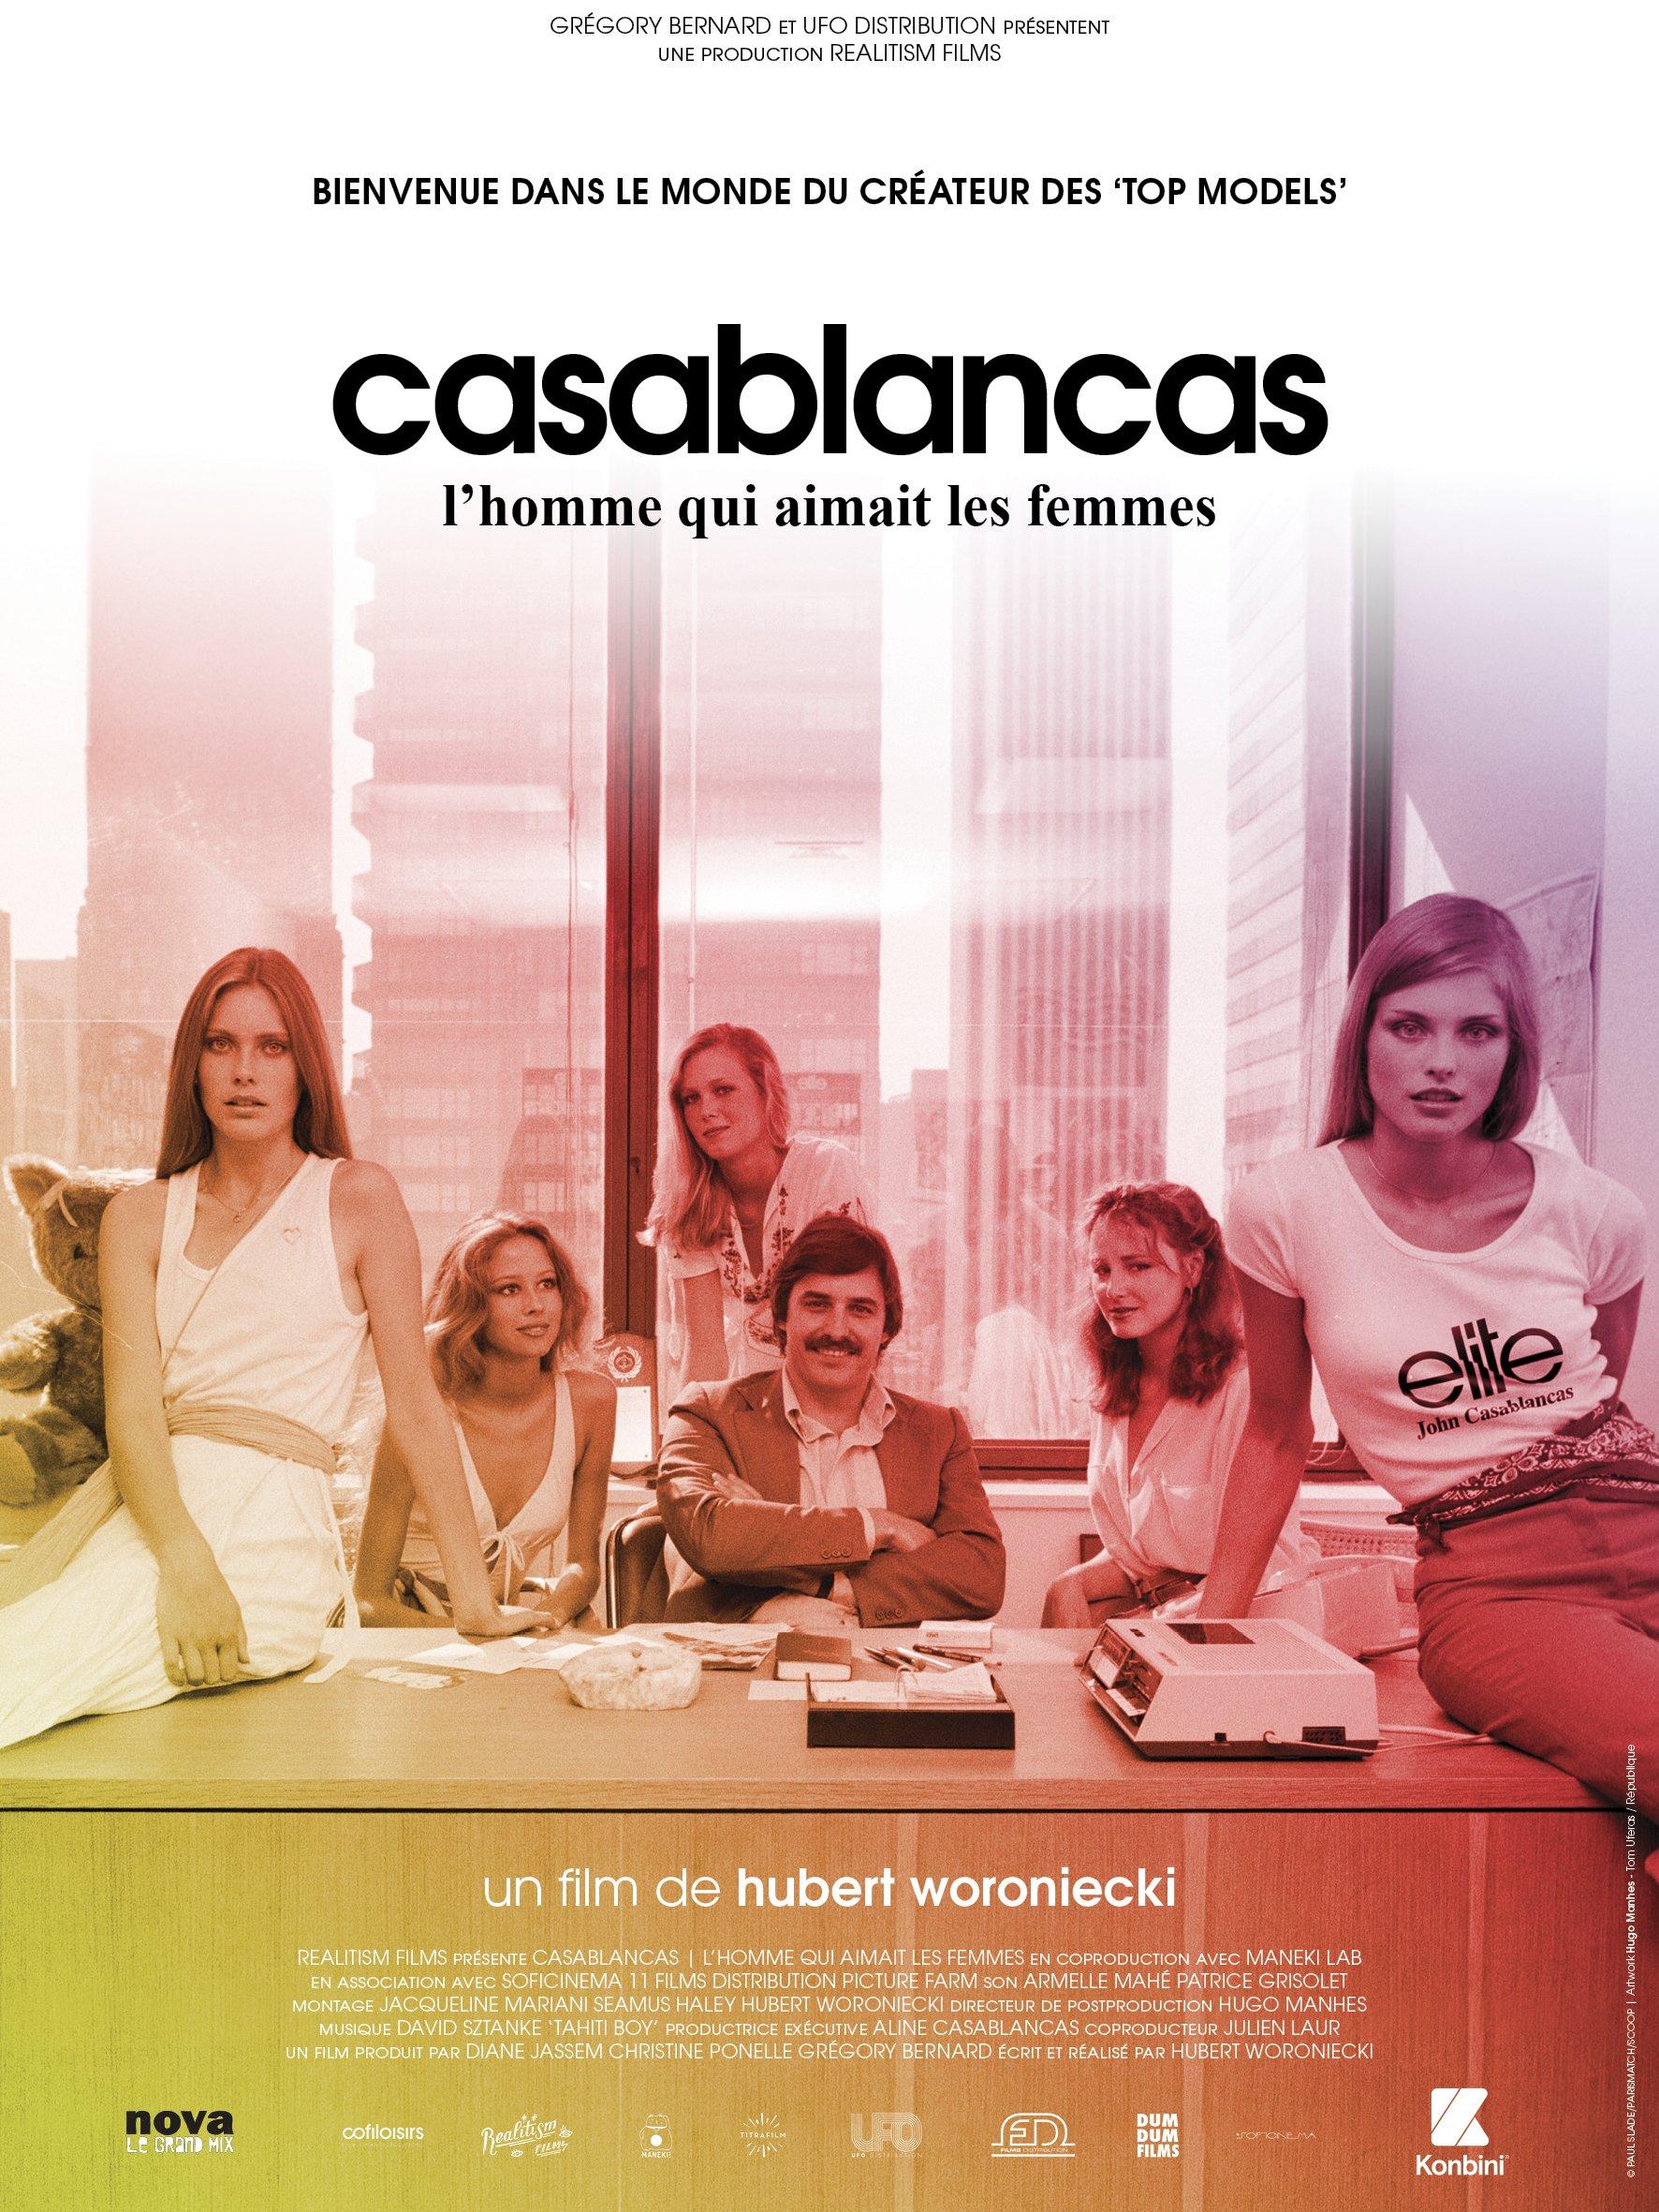 Die besten Fashion Dokus aller Zeiten: Casablancas - The man who loved women